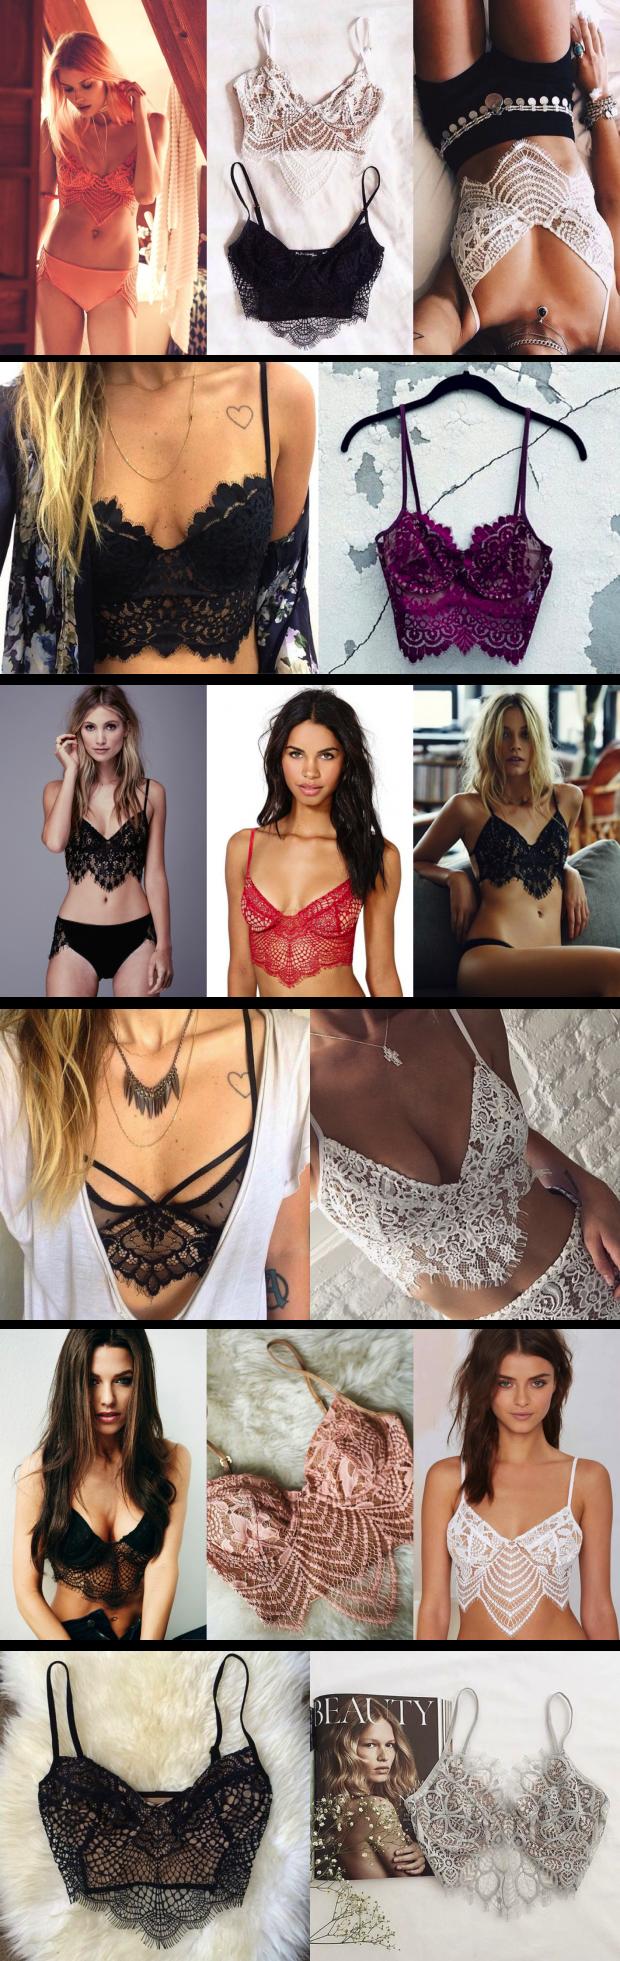 trend alert lingerie 3